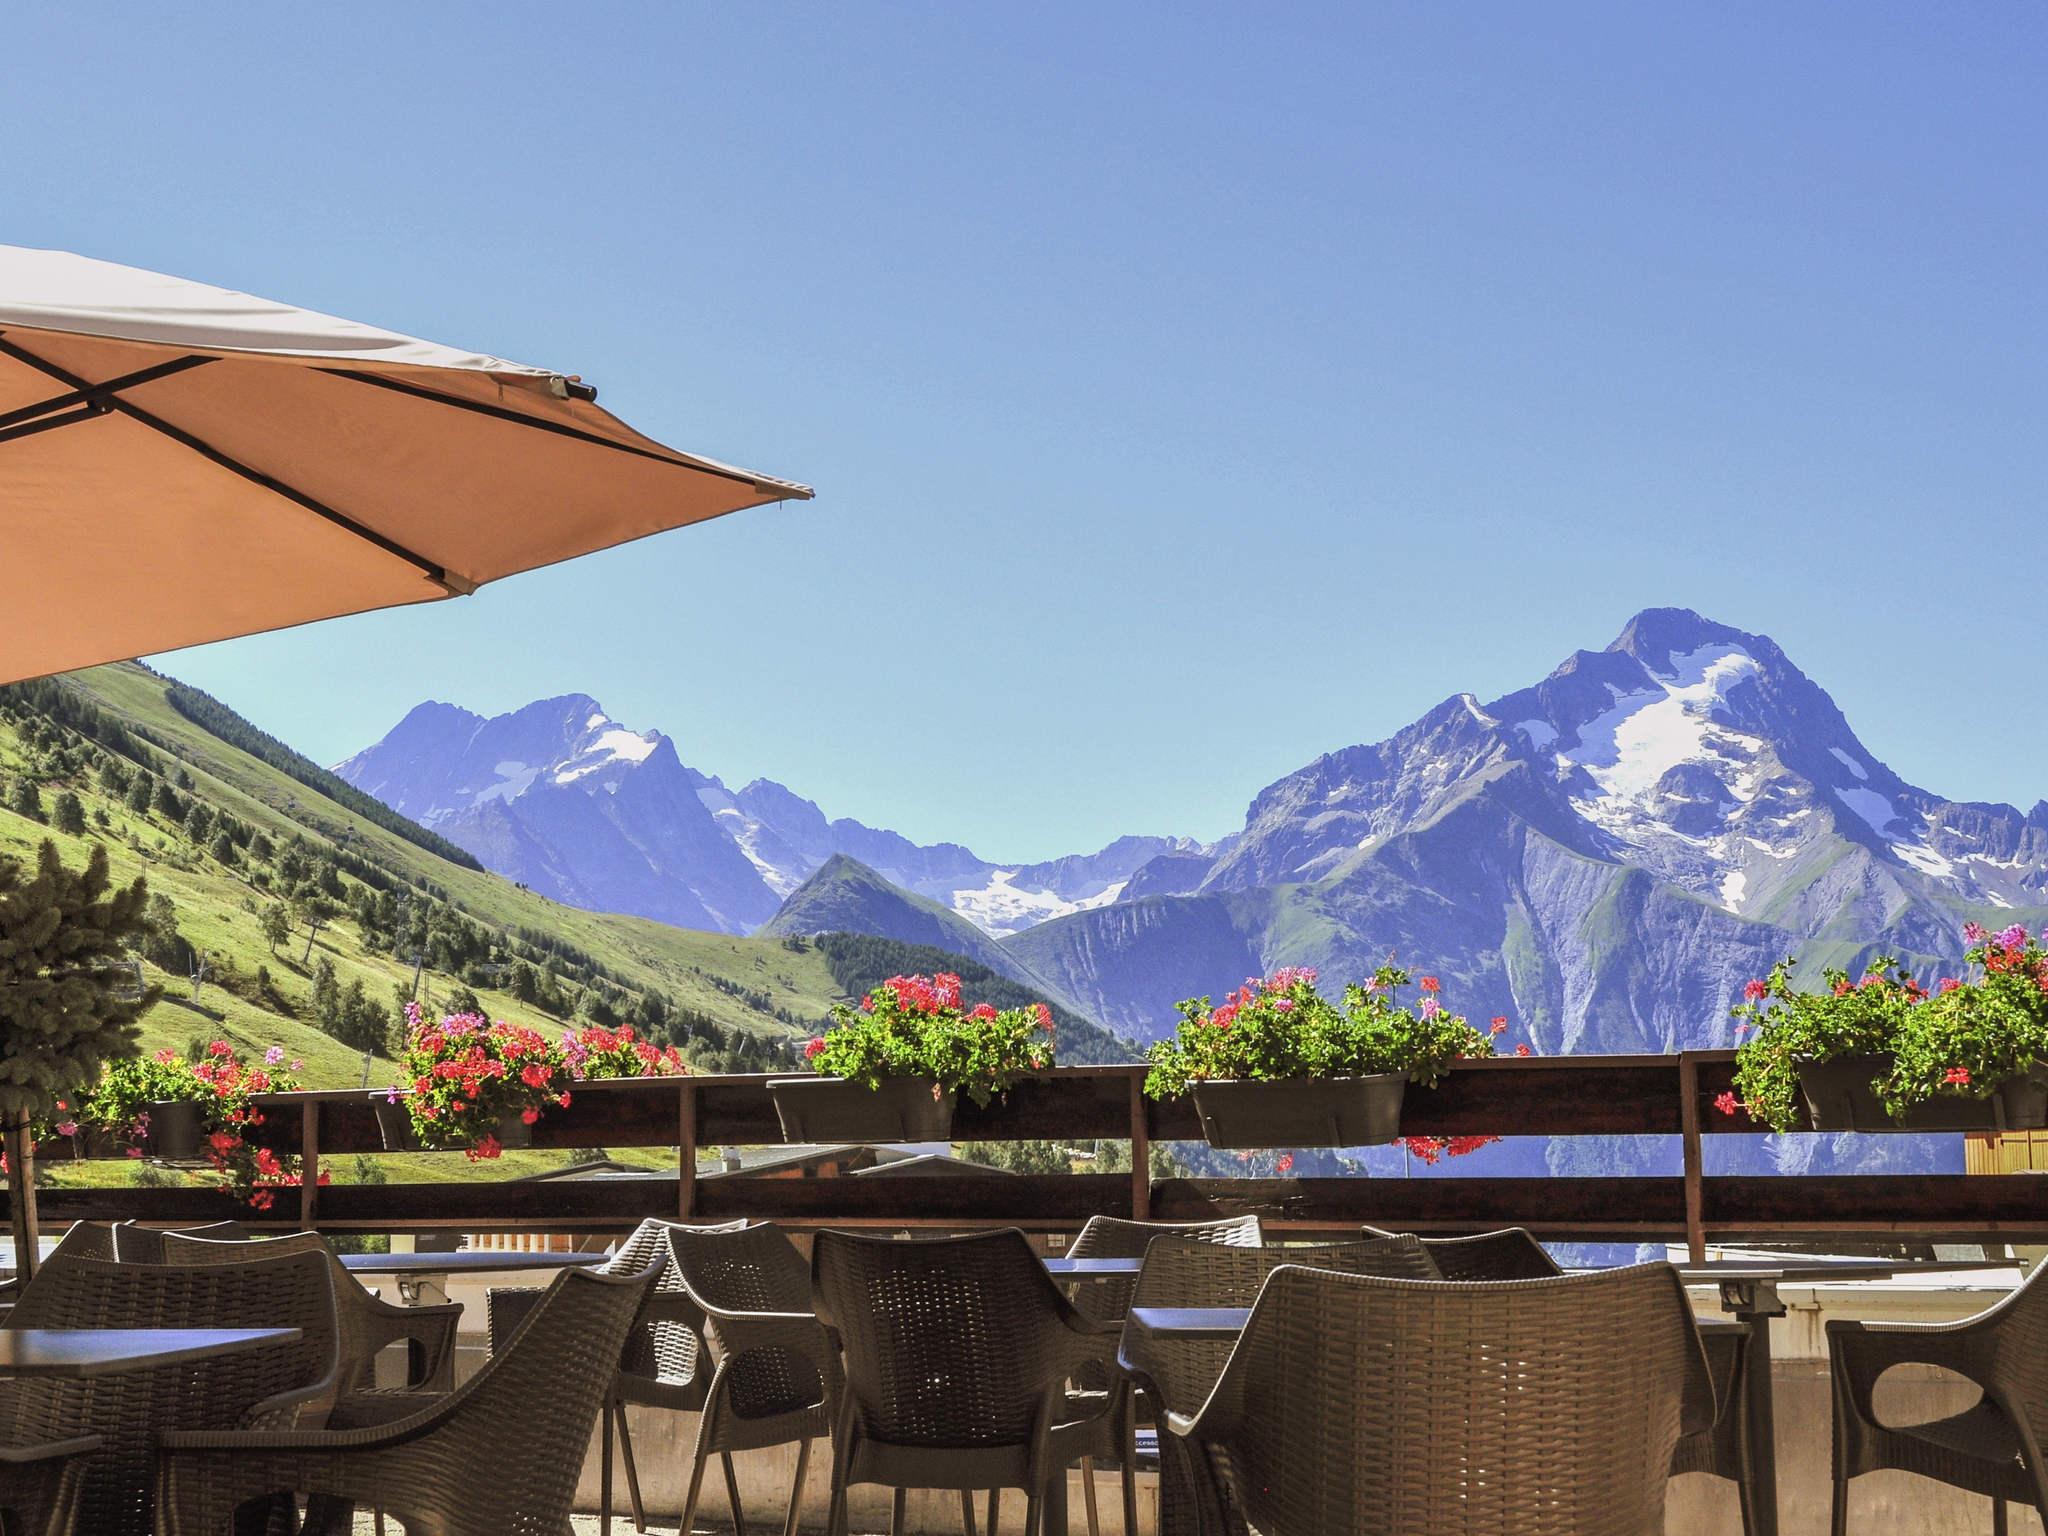 Hotell – Hôtel Mercure Les Deux Alpes 1800